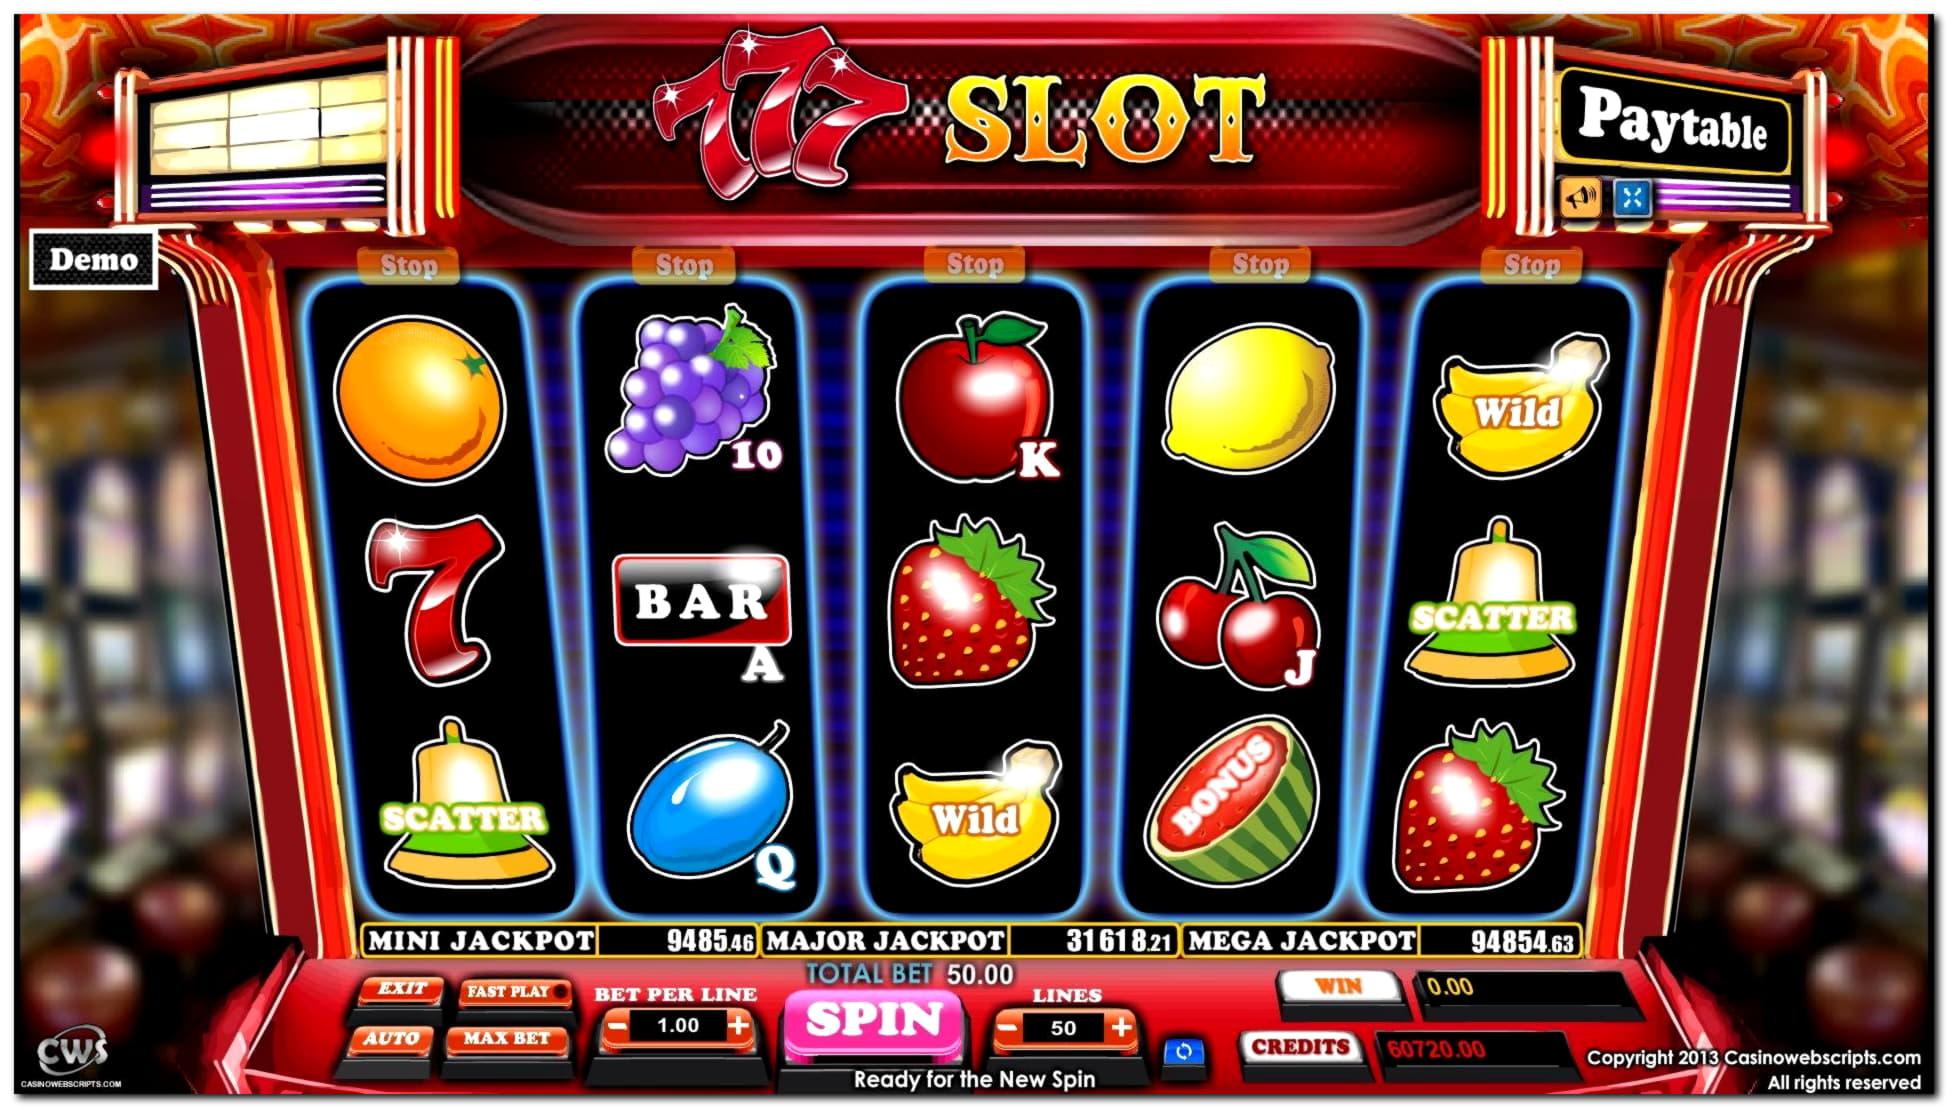 125% Deposit Match Bonus at Casino-X